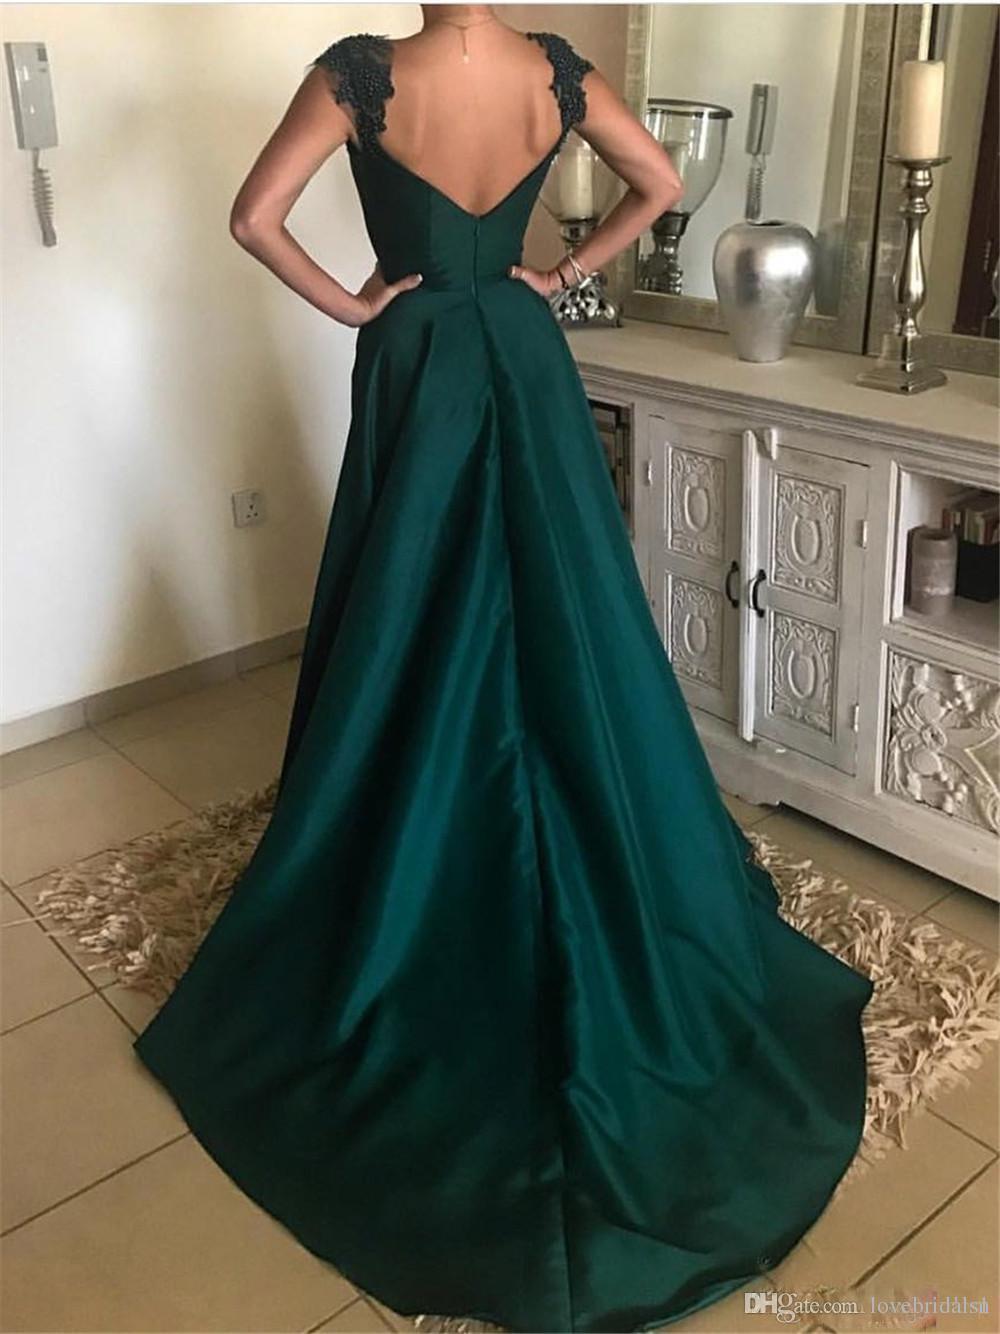 Großhandel Elegantes Dunkelgrünes Abendkleid Mit Perlen Appliziert Satin  Eine Linie Bodenlang Lange Abendkleider Günstige Frauen Party Kleider Von